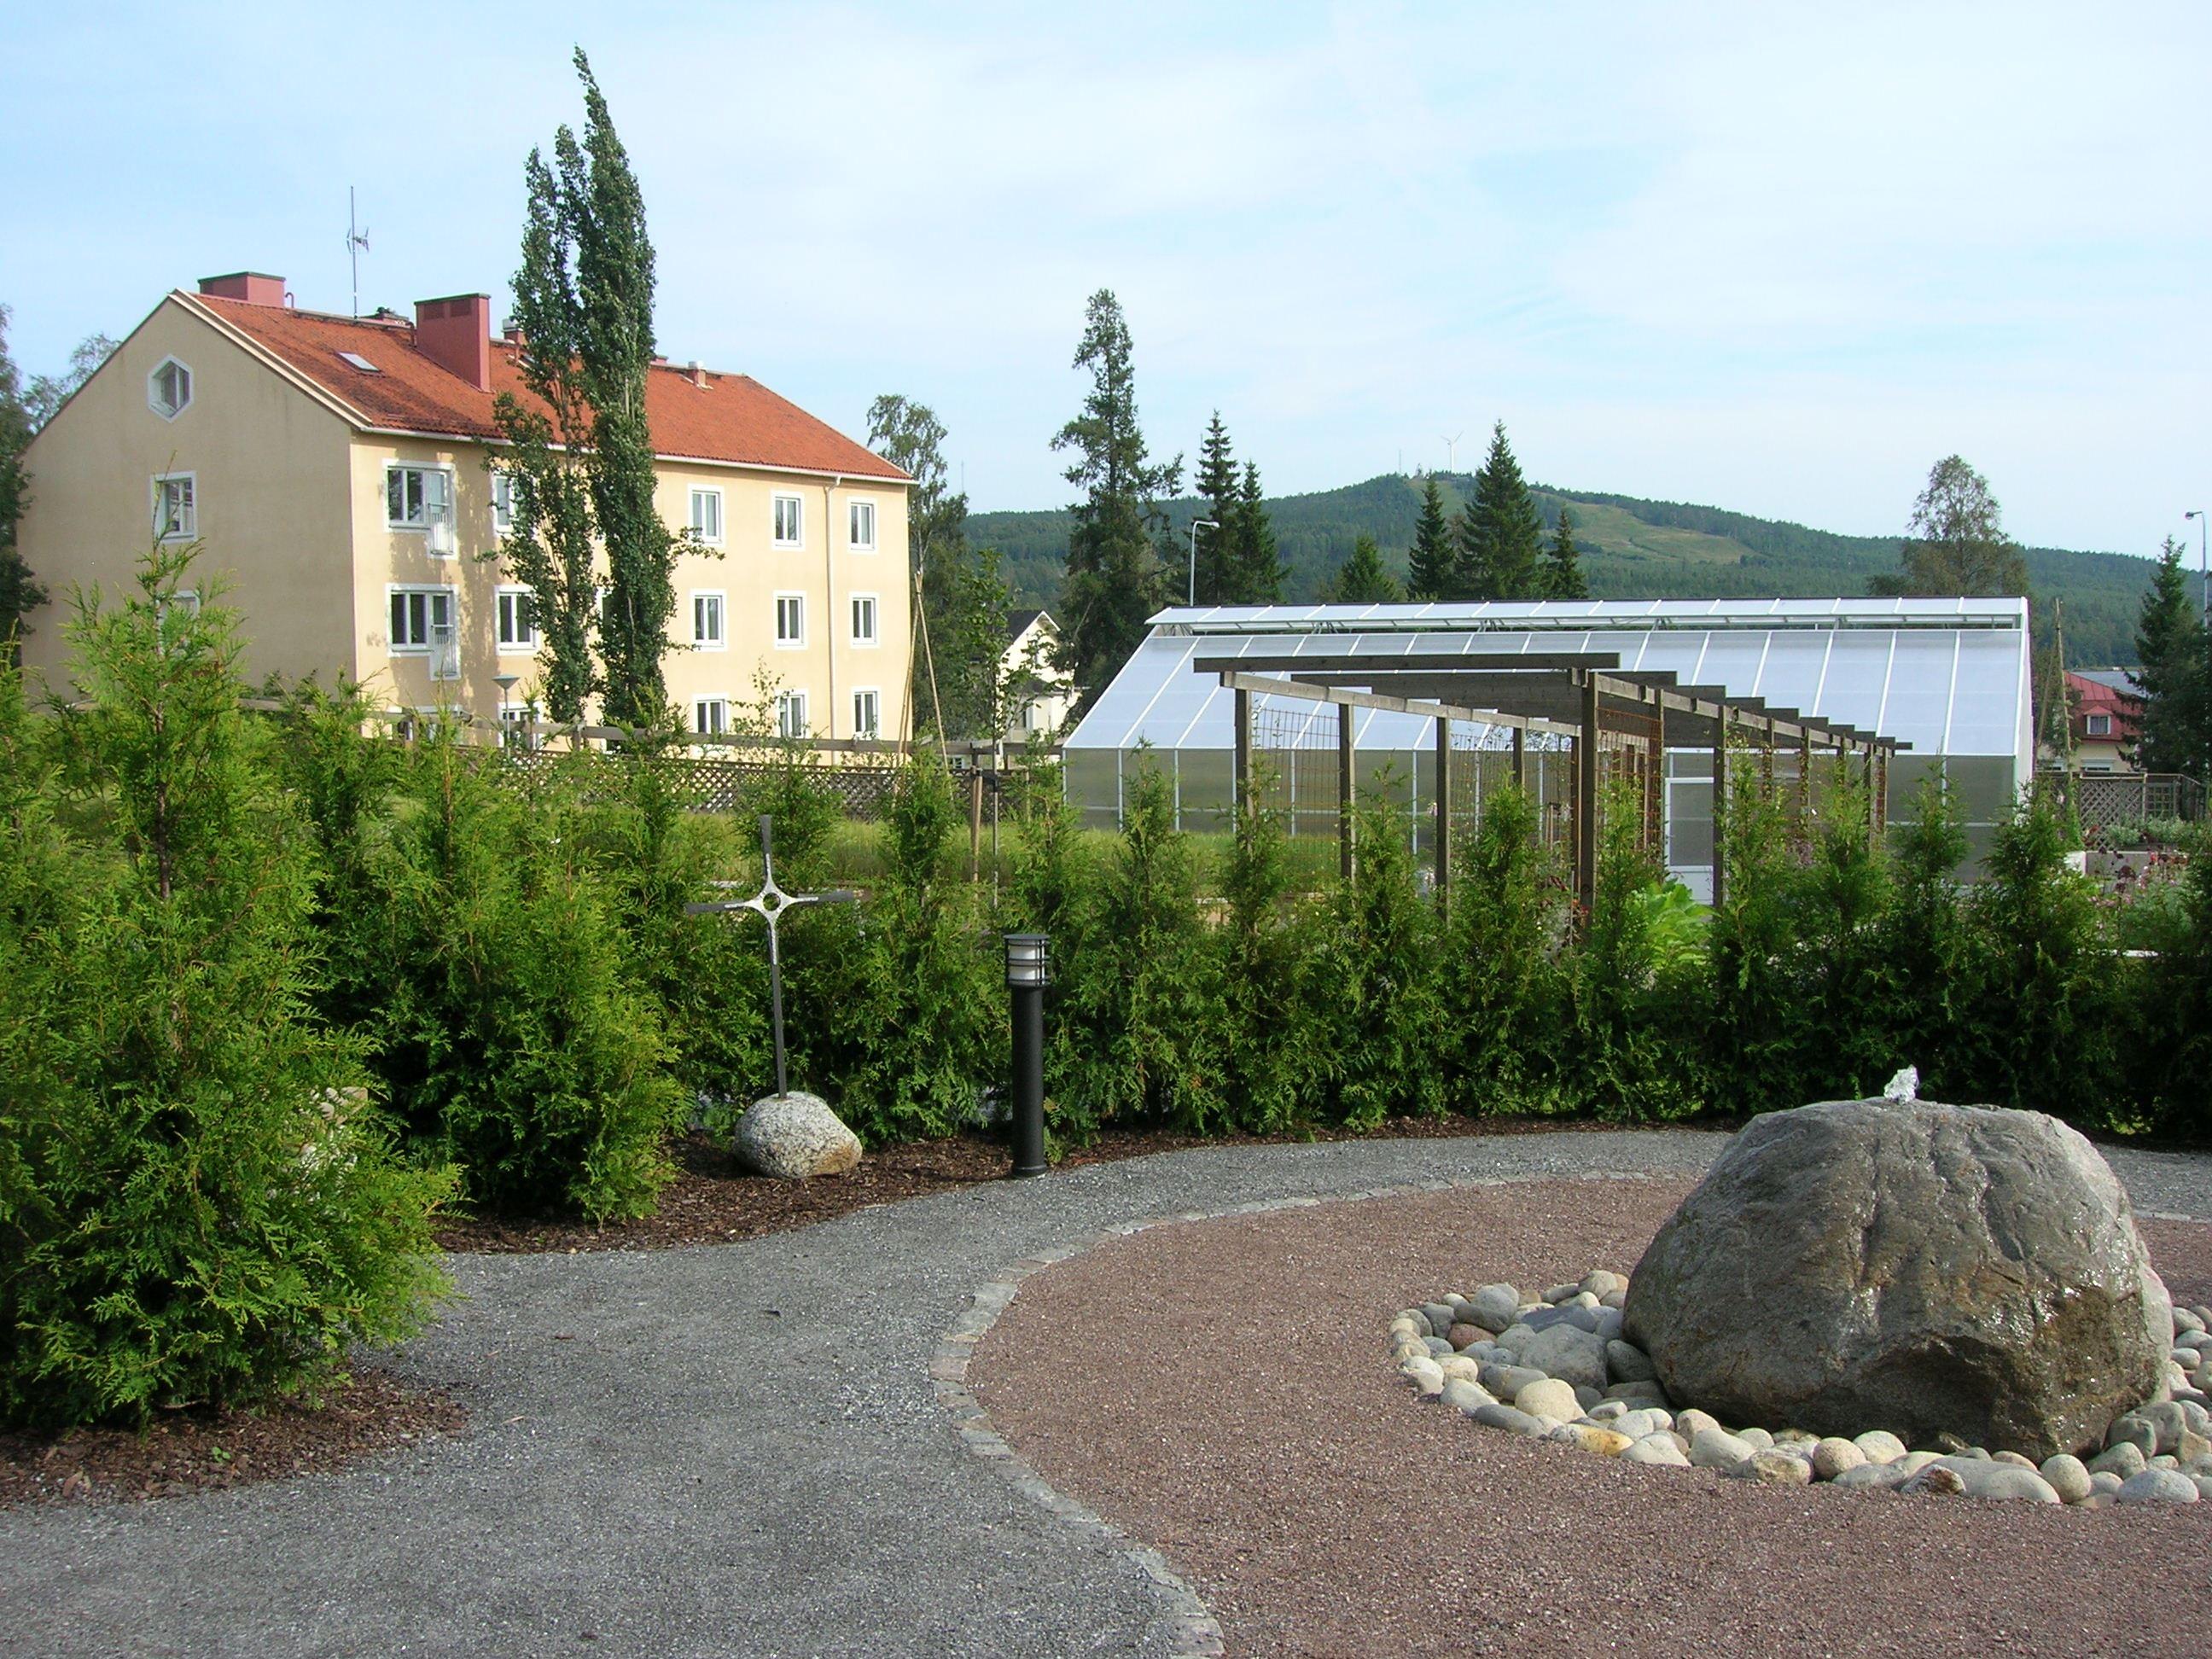 Vårsta Sörgården B&B